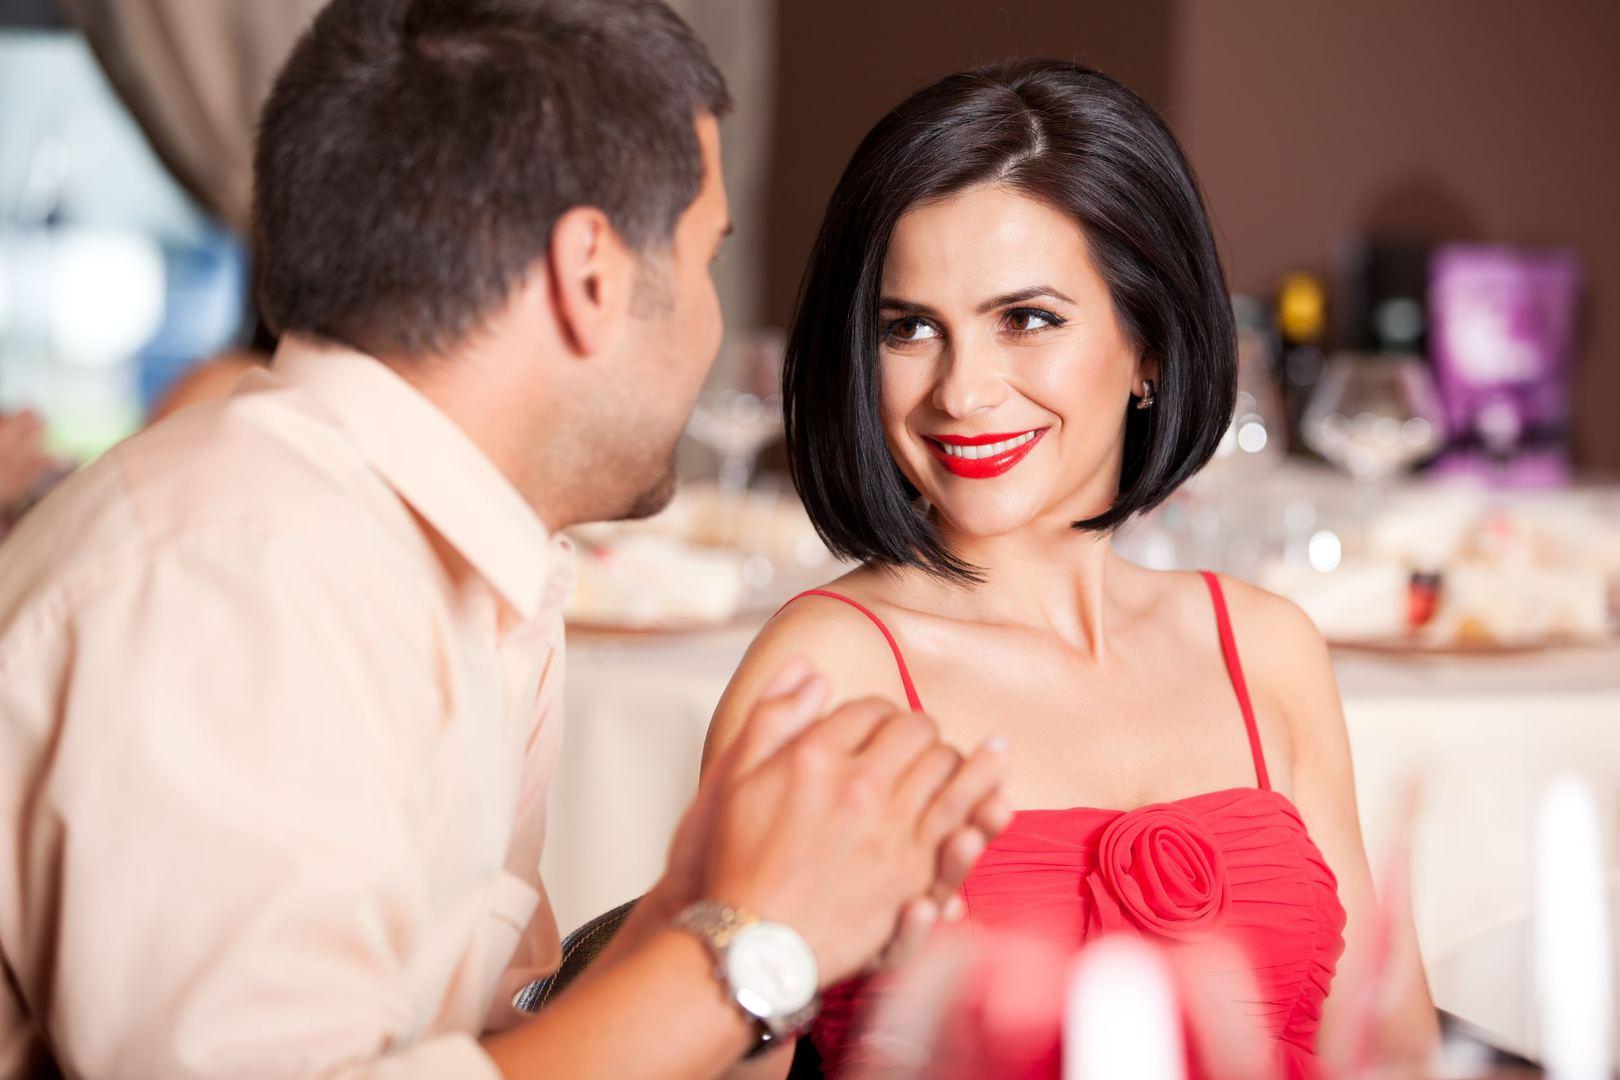 interneto pažinčių pirmąjį pasimatymą patarimai 26 metų moteris pažintys 45 vyras